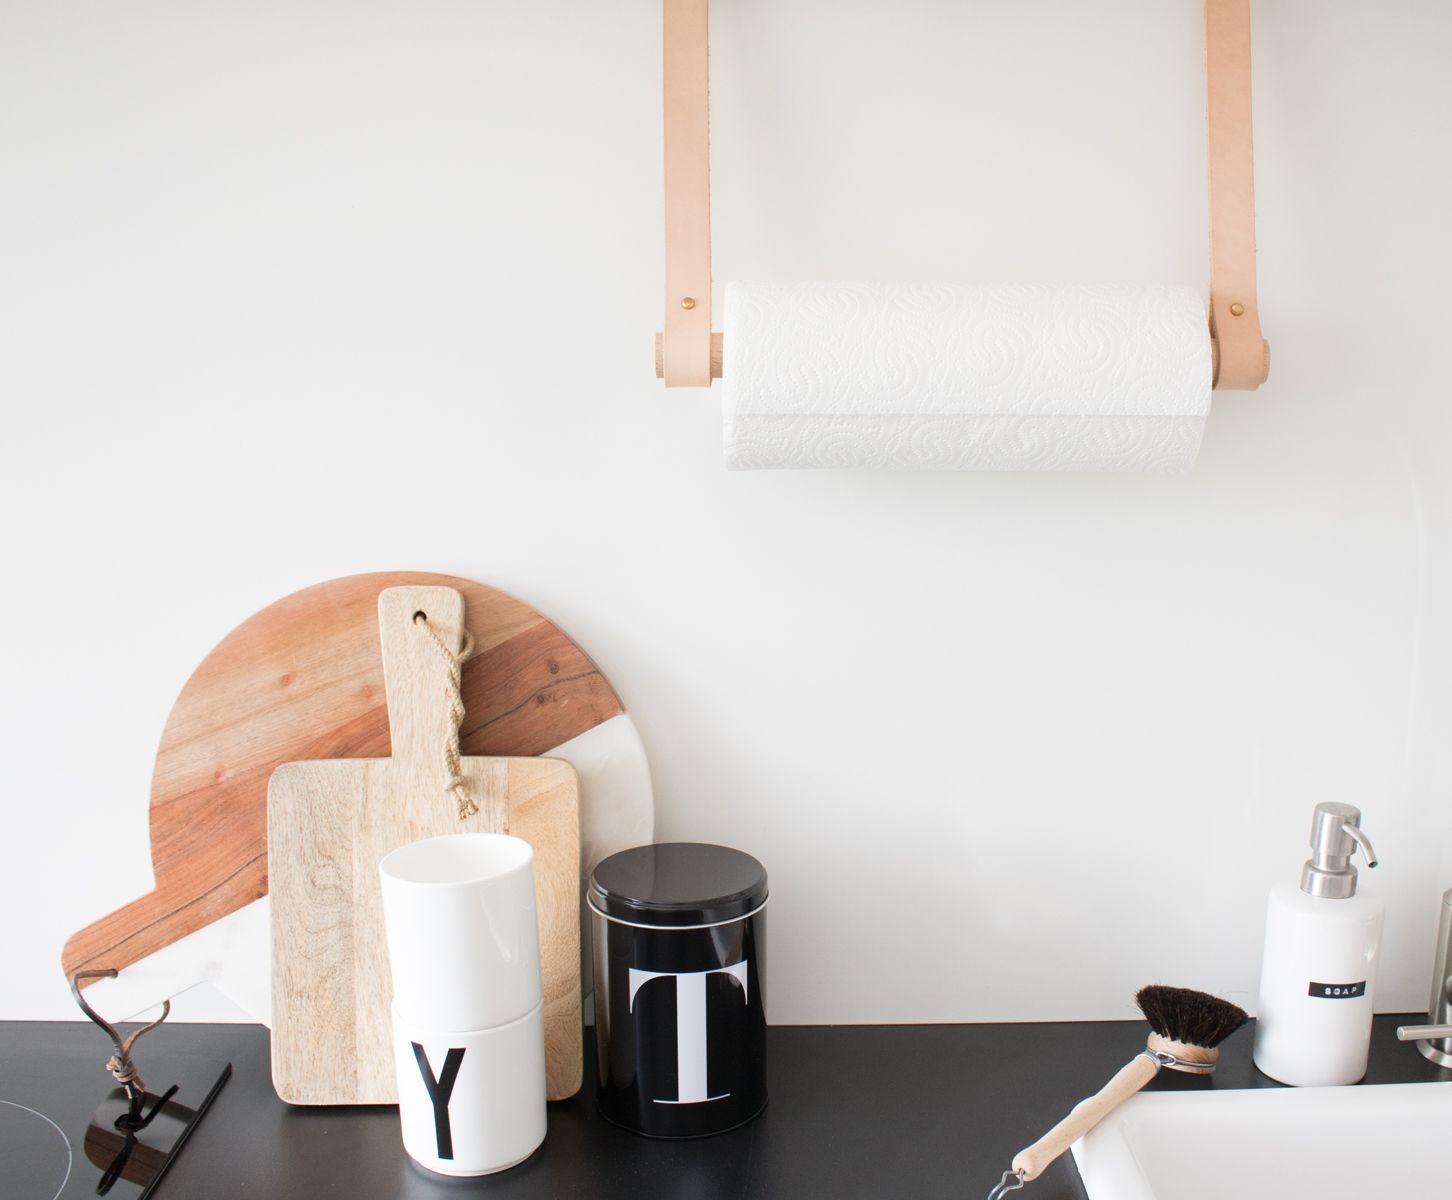 Küchenrollenhalter Selber Bauen diy halter rollen und band